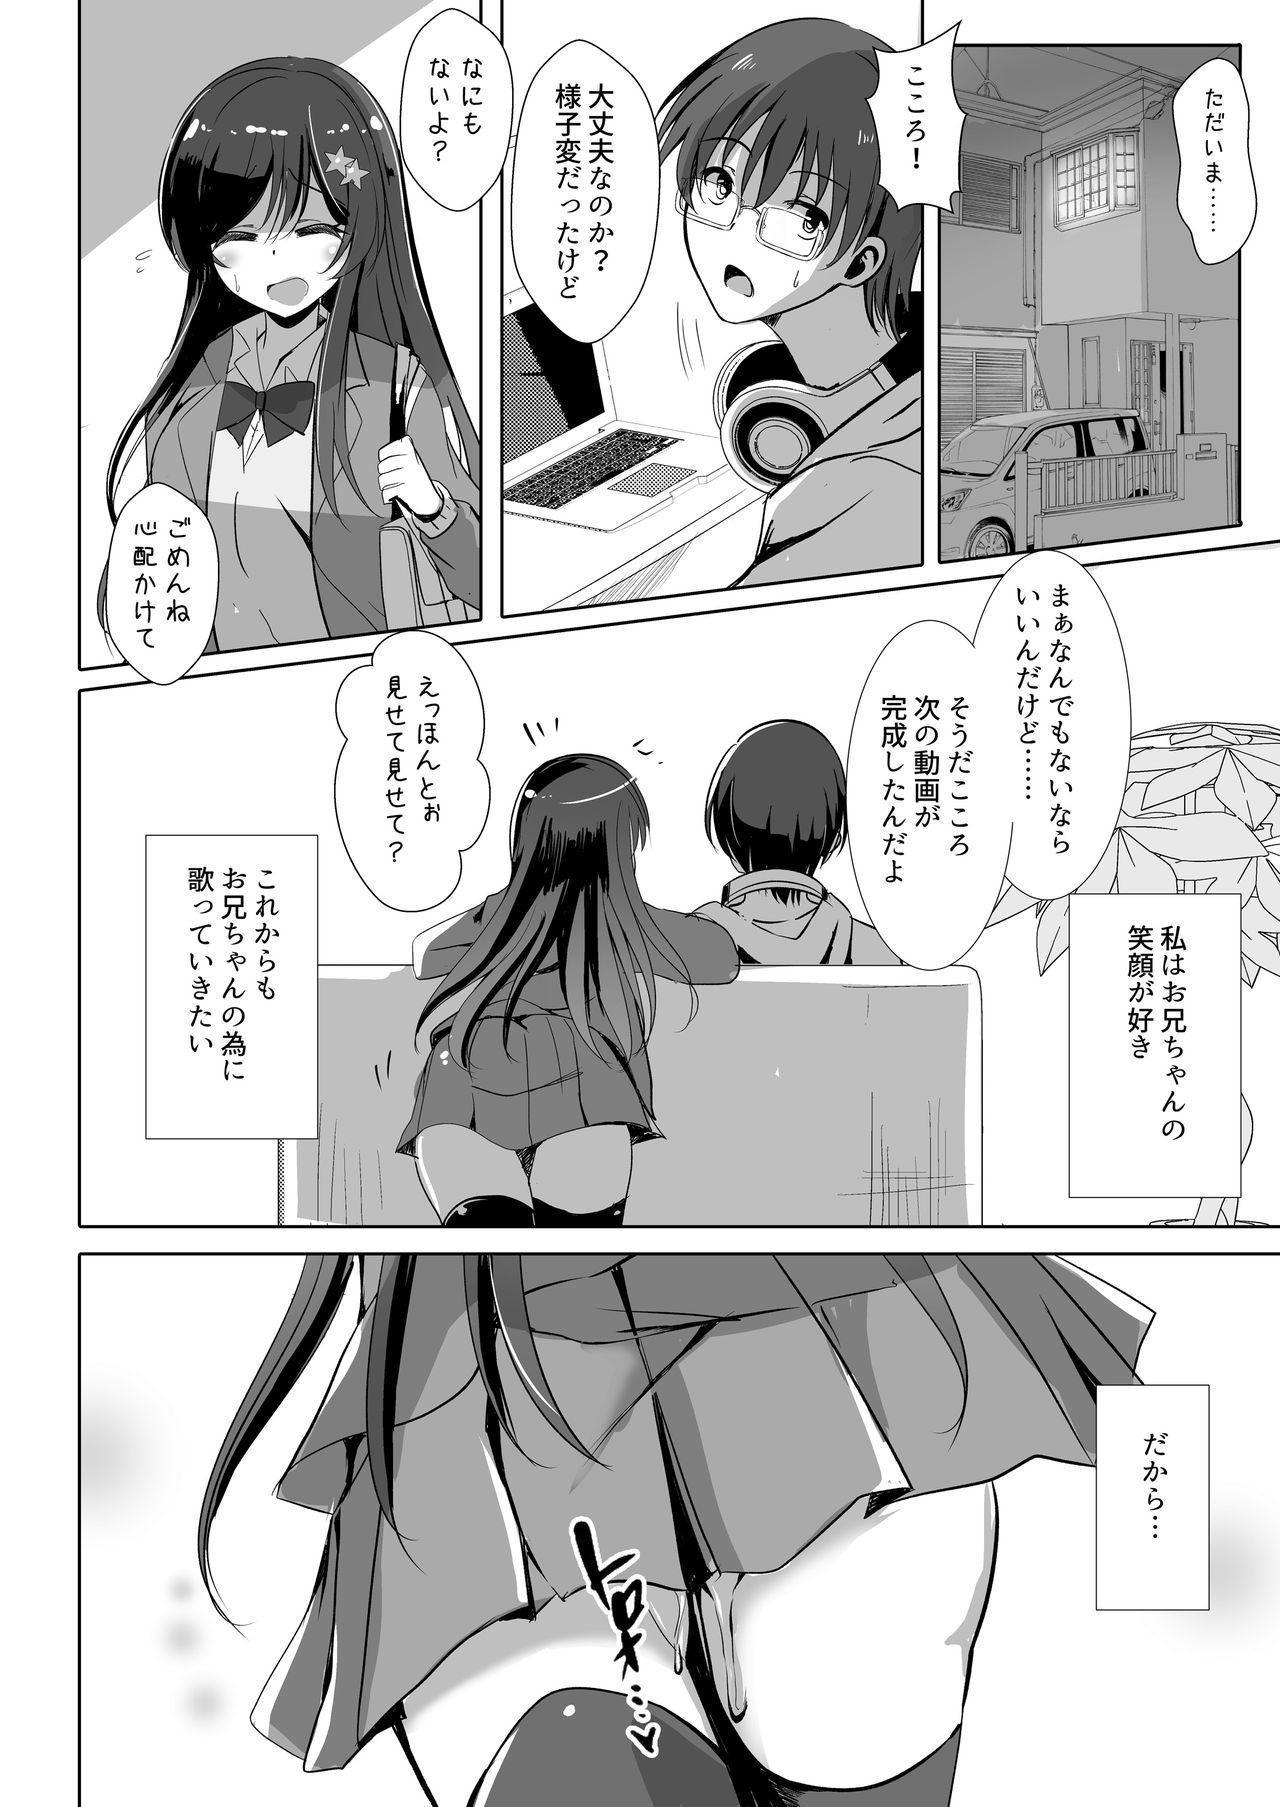 Onii-chan no Shiranai Watashi no Seidorei Nikki 23